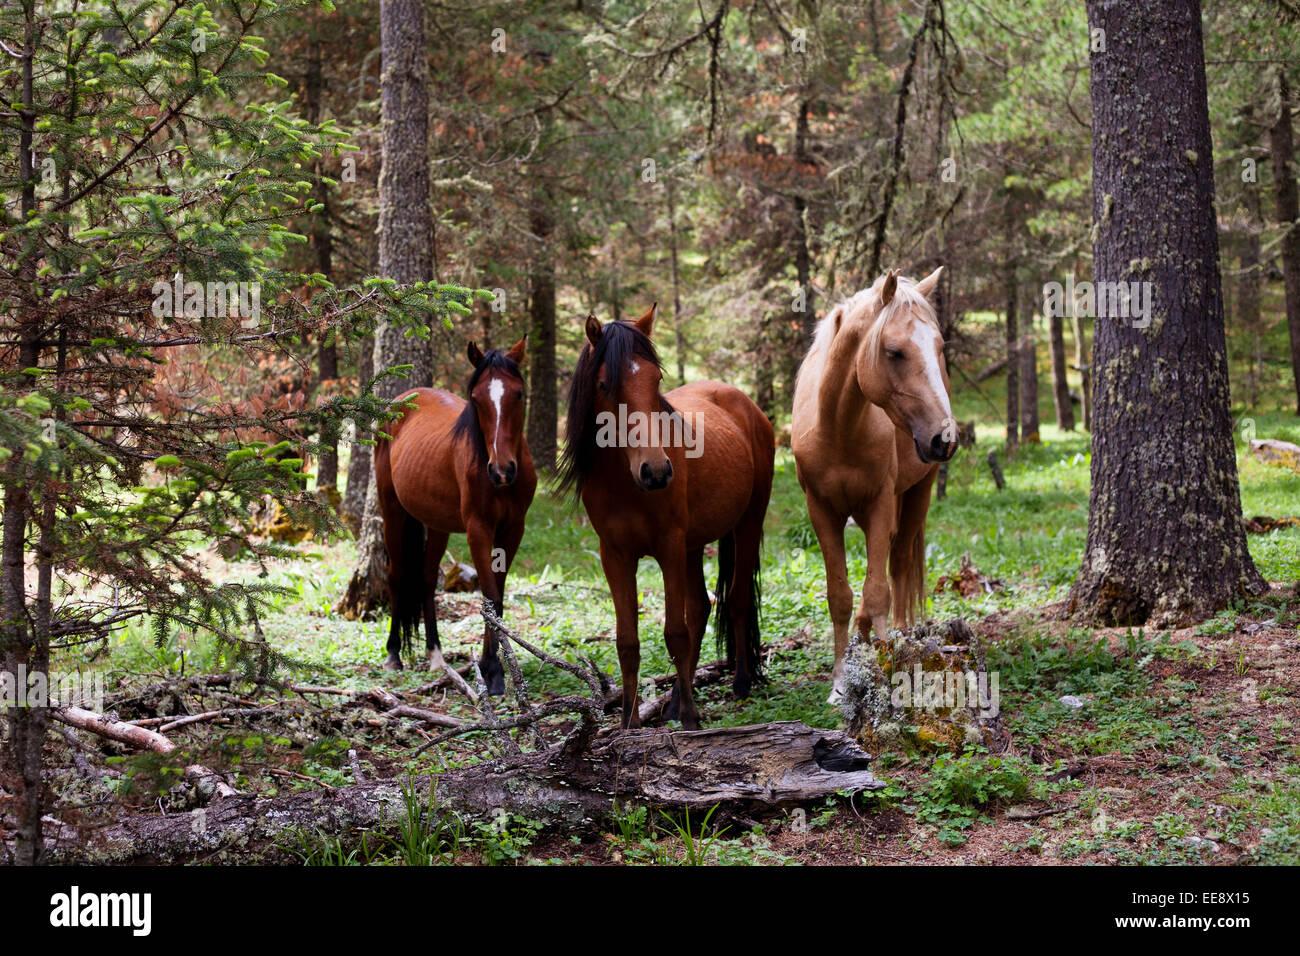 Wild Chestnut Horse Stock Photos & Wild Chestnut Horse ... - photo#38